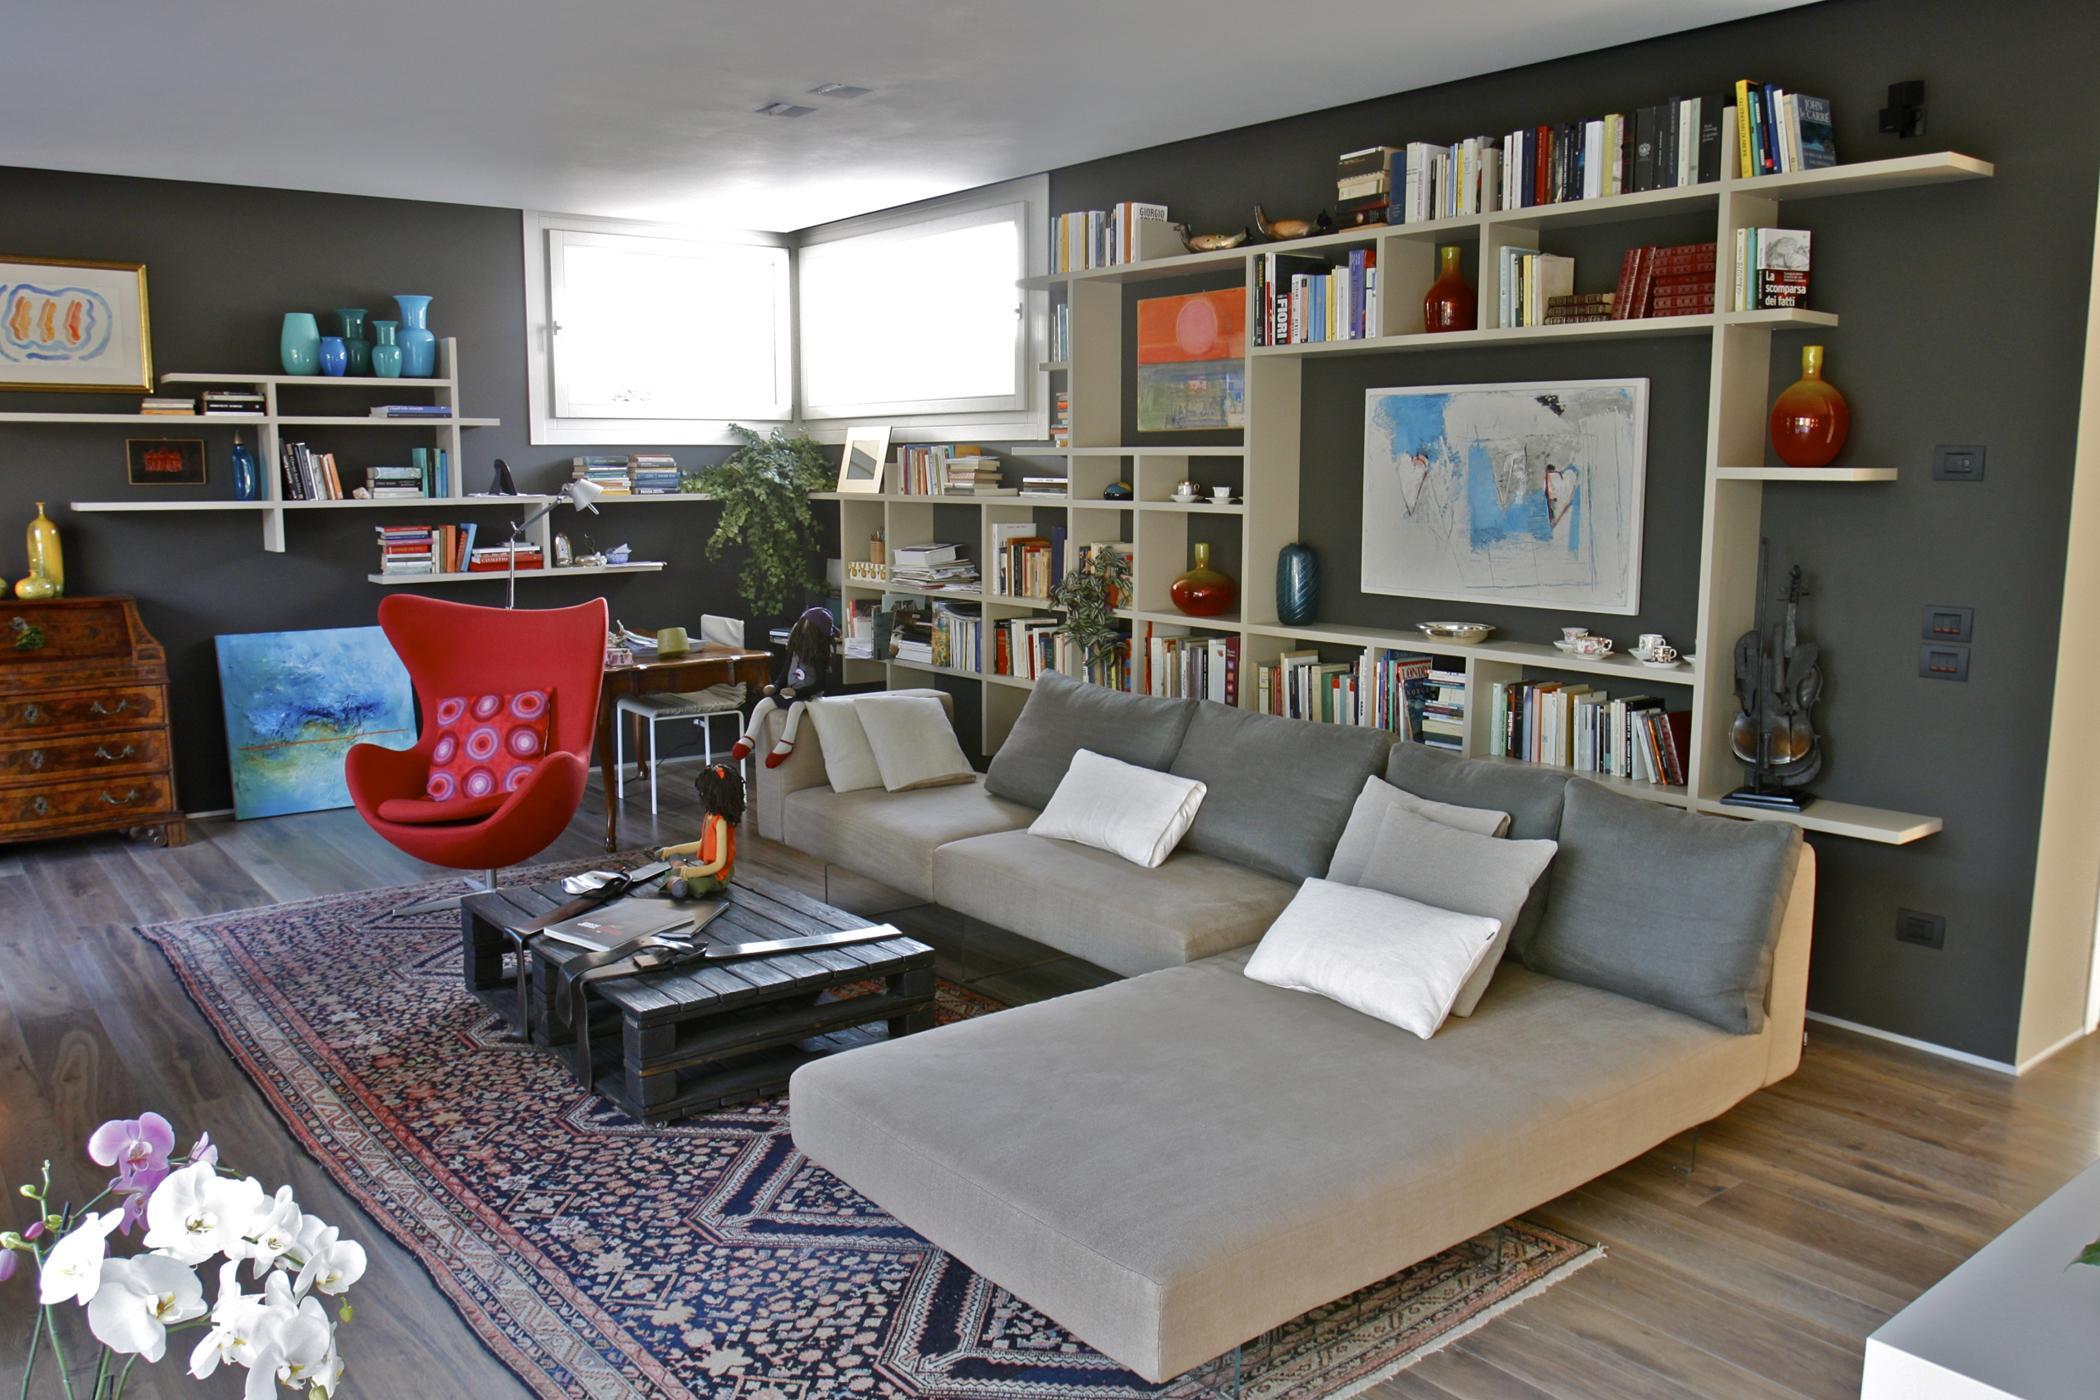 Gemütliches Lounge Sofa #couchtisch #regal #wandregal #teppich  #aufbewahrung #kommode